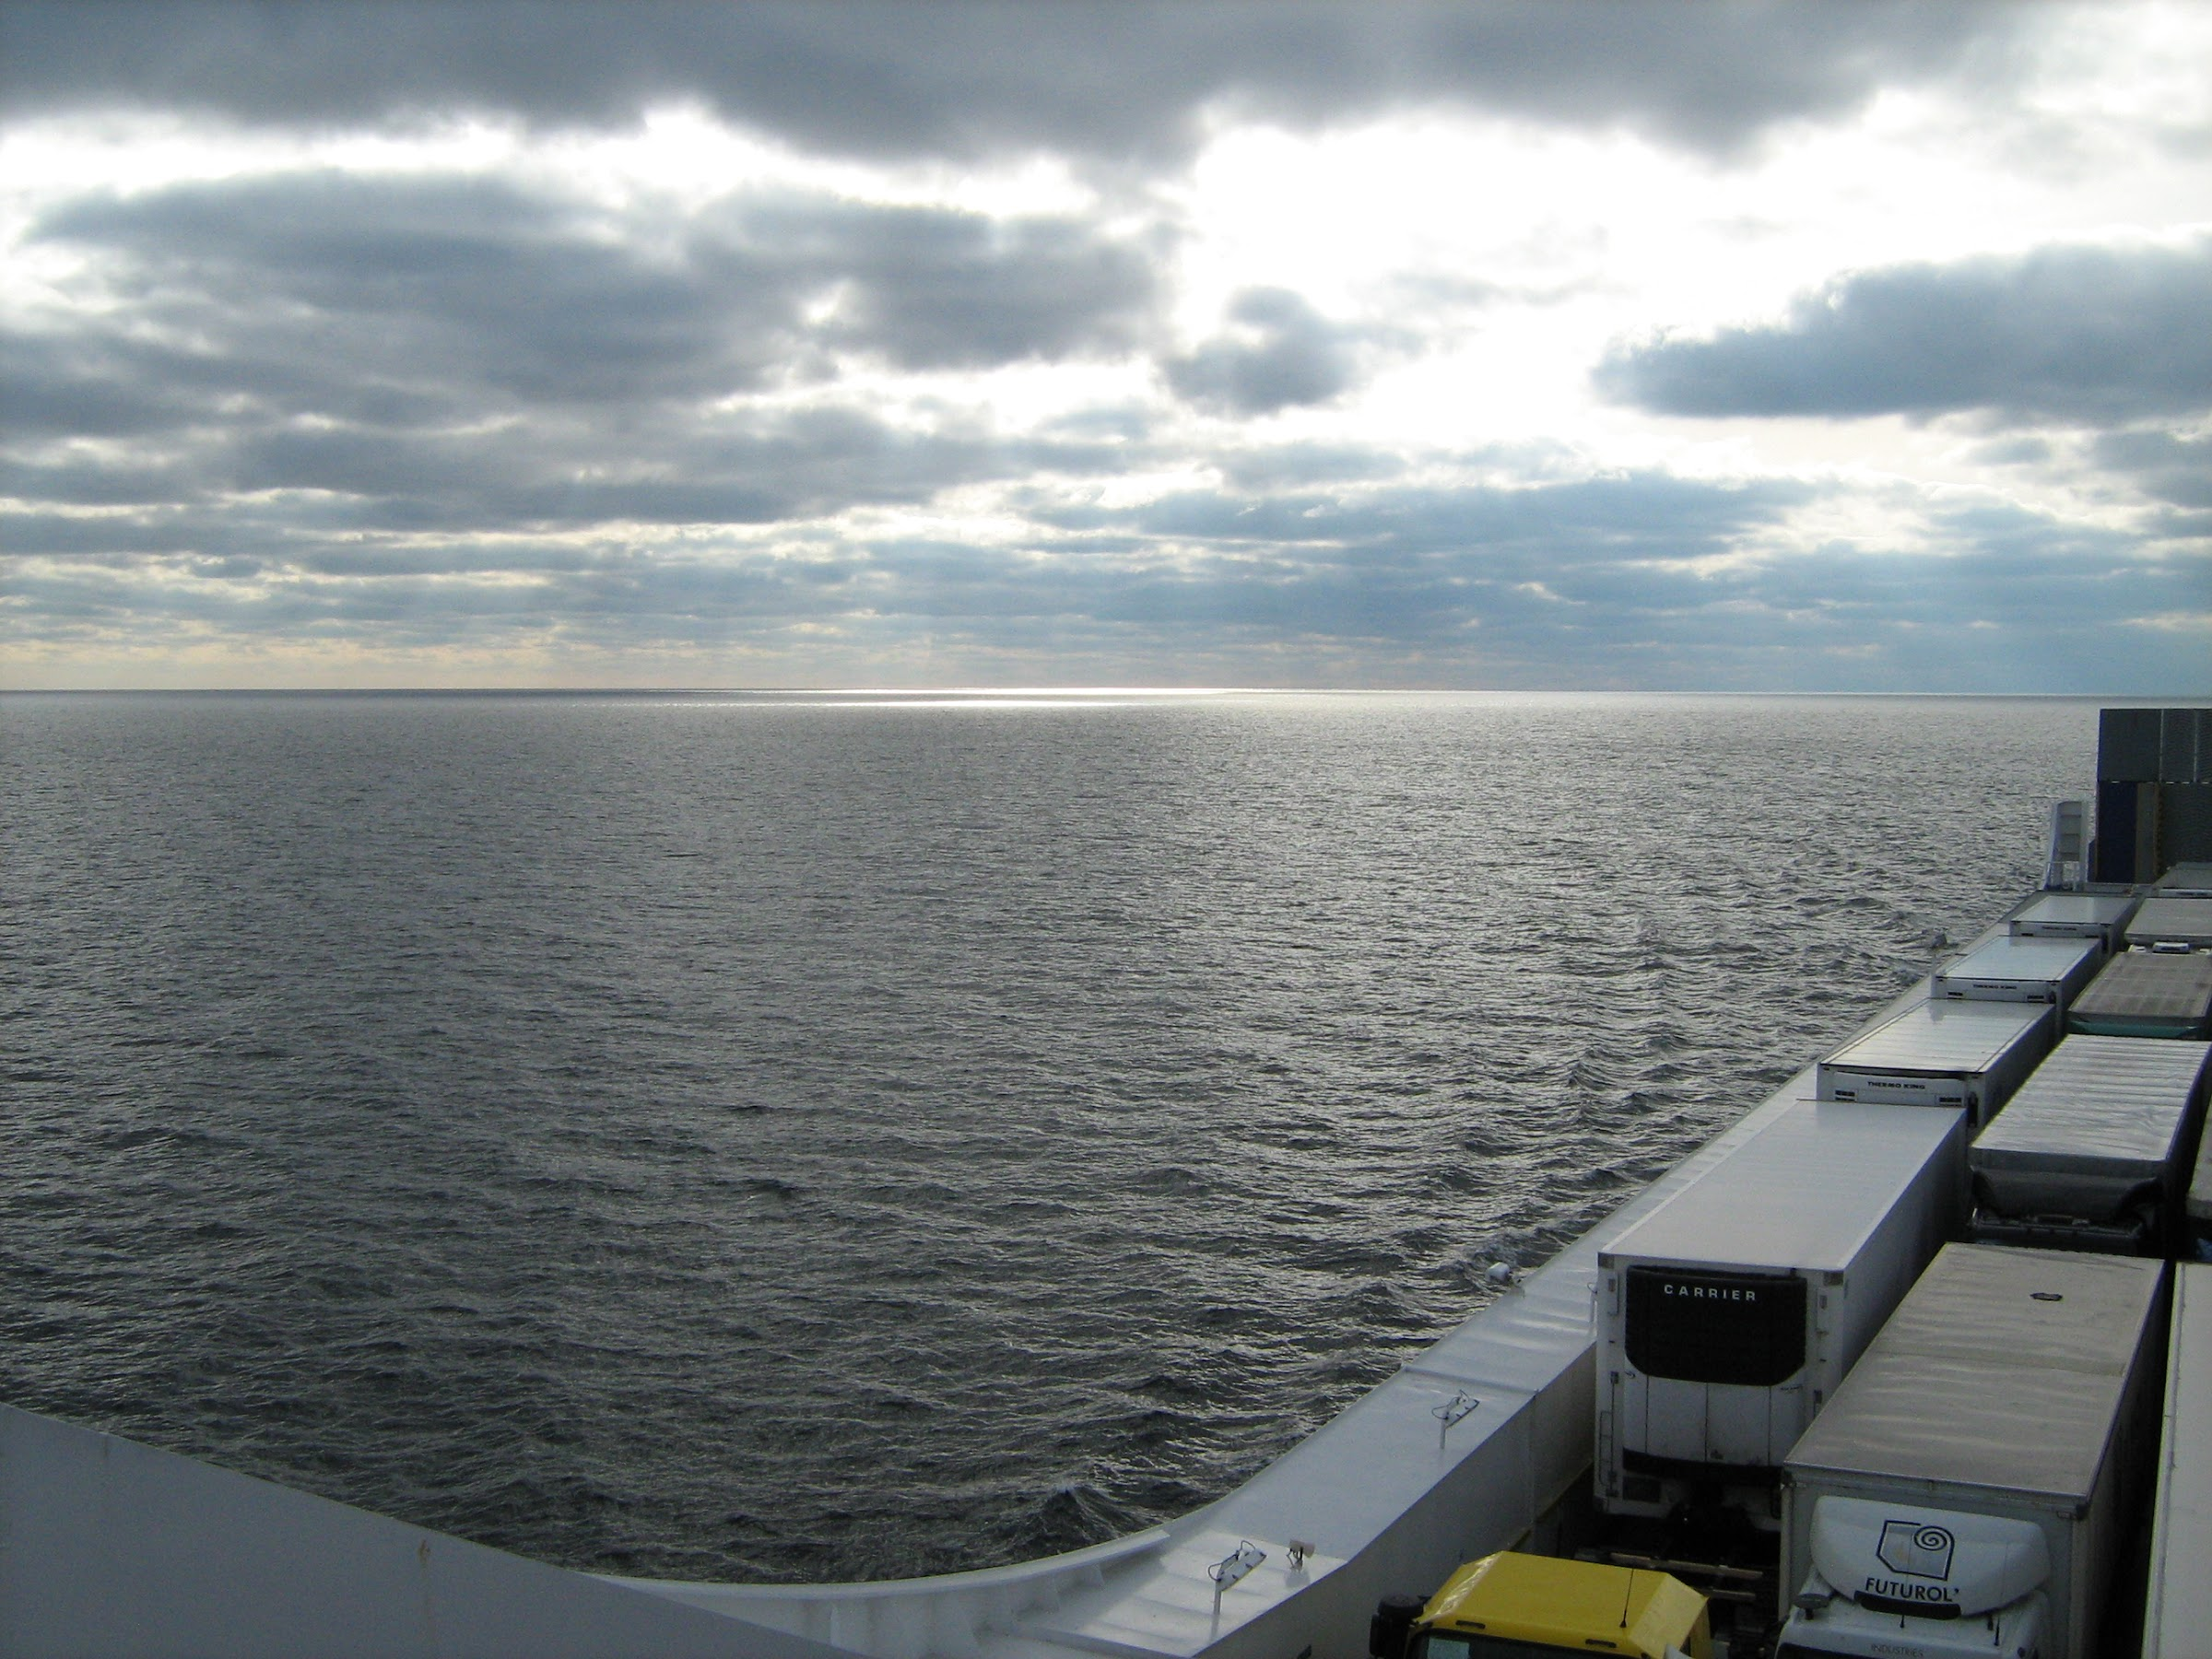 О, море, море... Морские виды, необычные пляжи, пристани, причалы, яхты и закаты